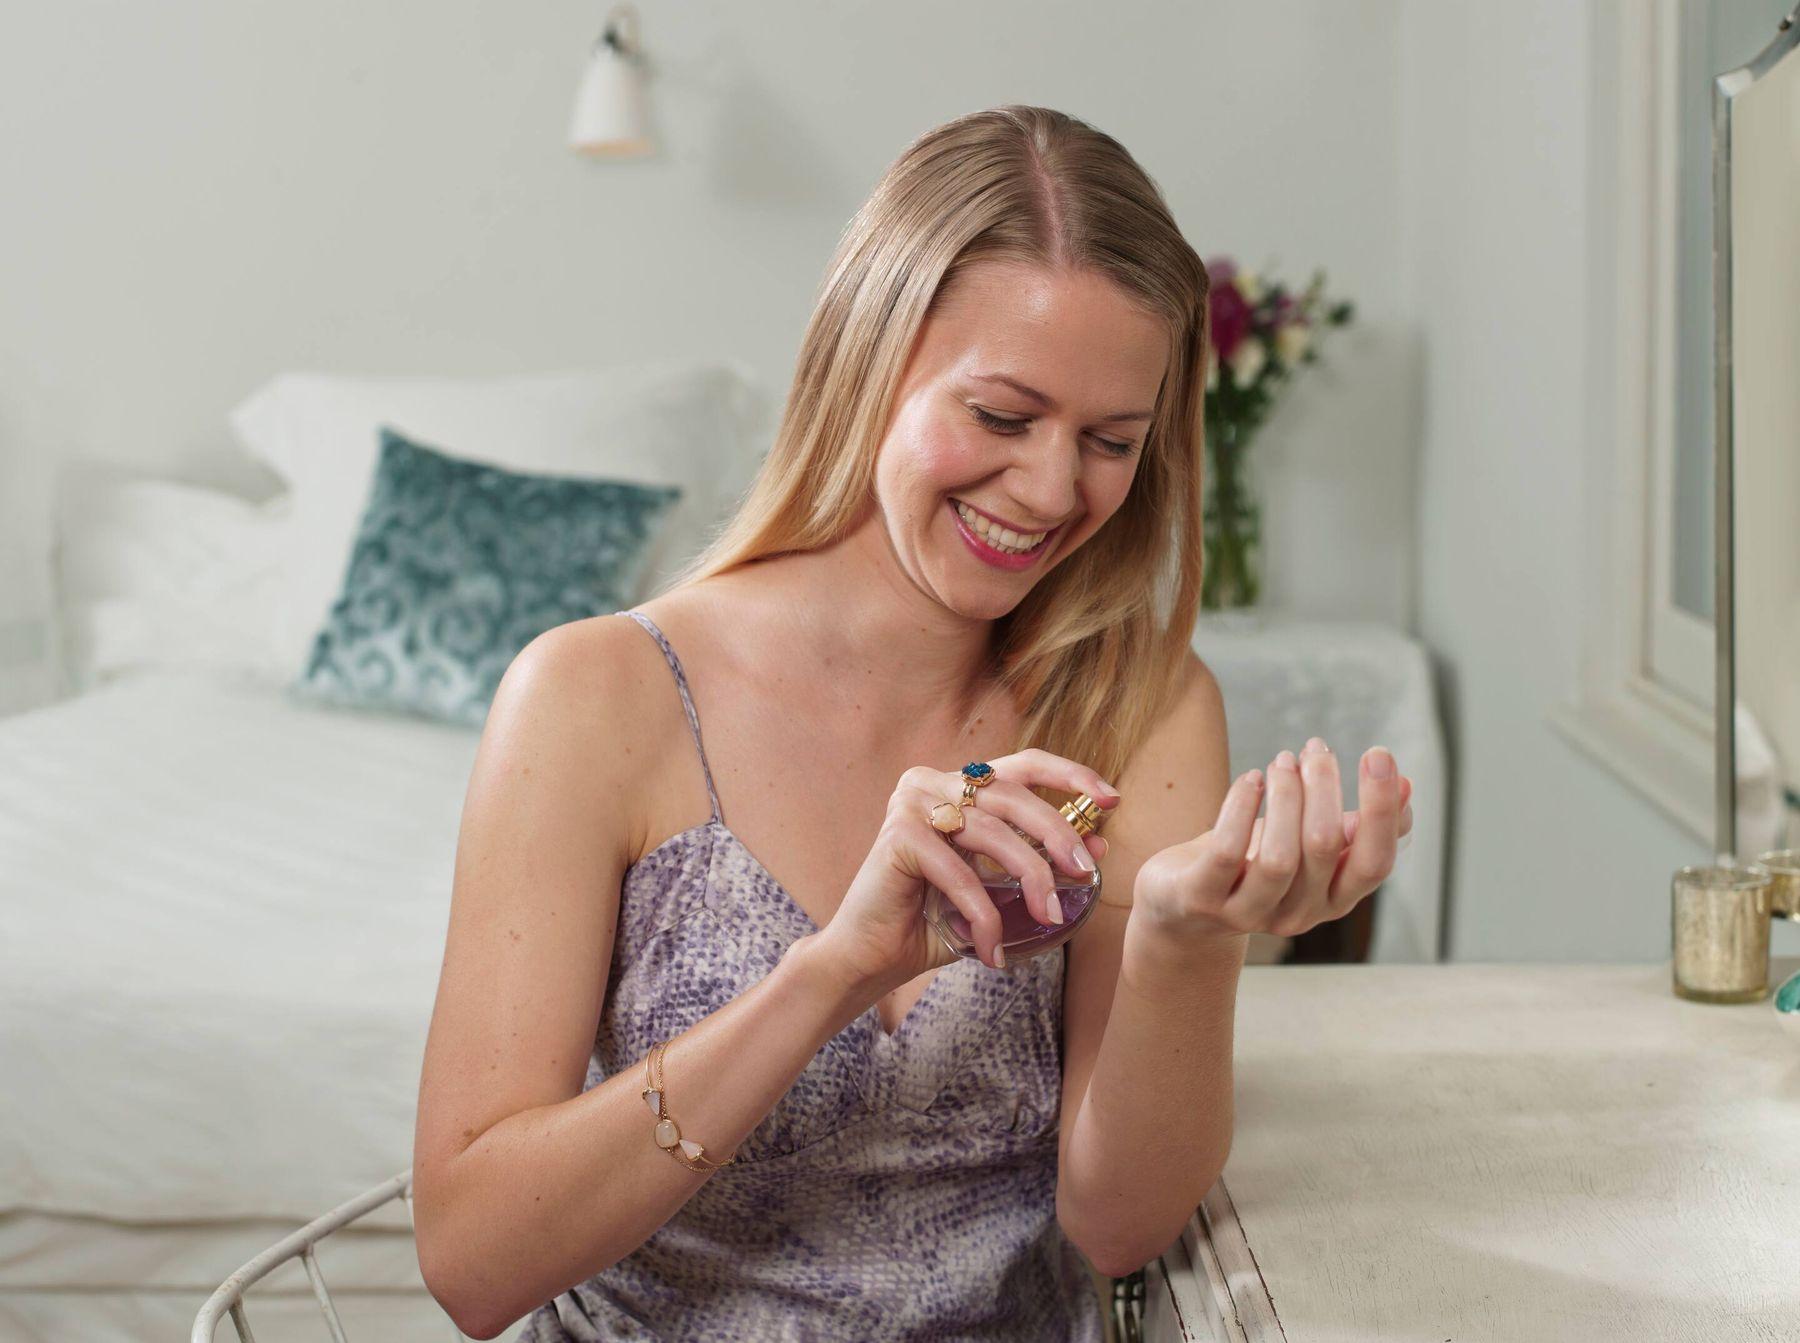 Bán hàng online nước hoa